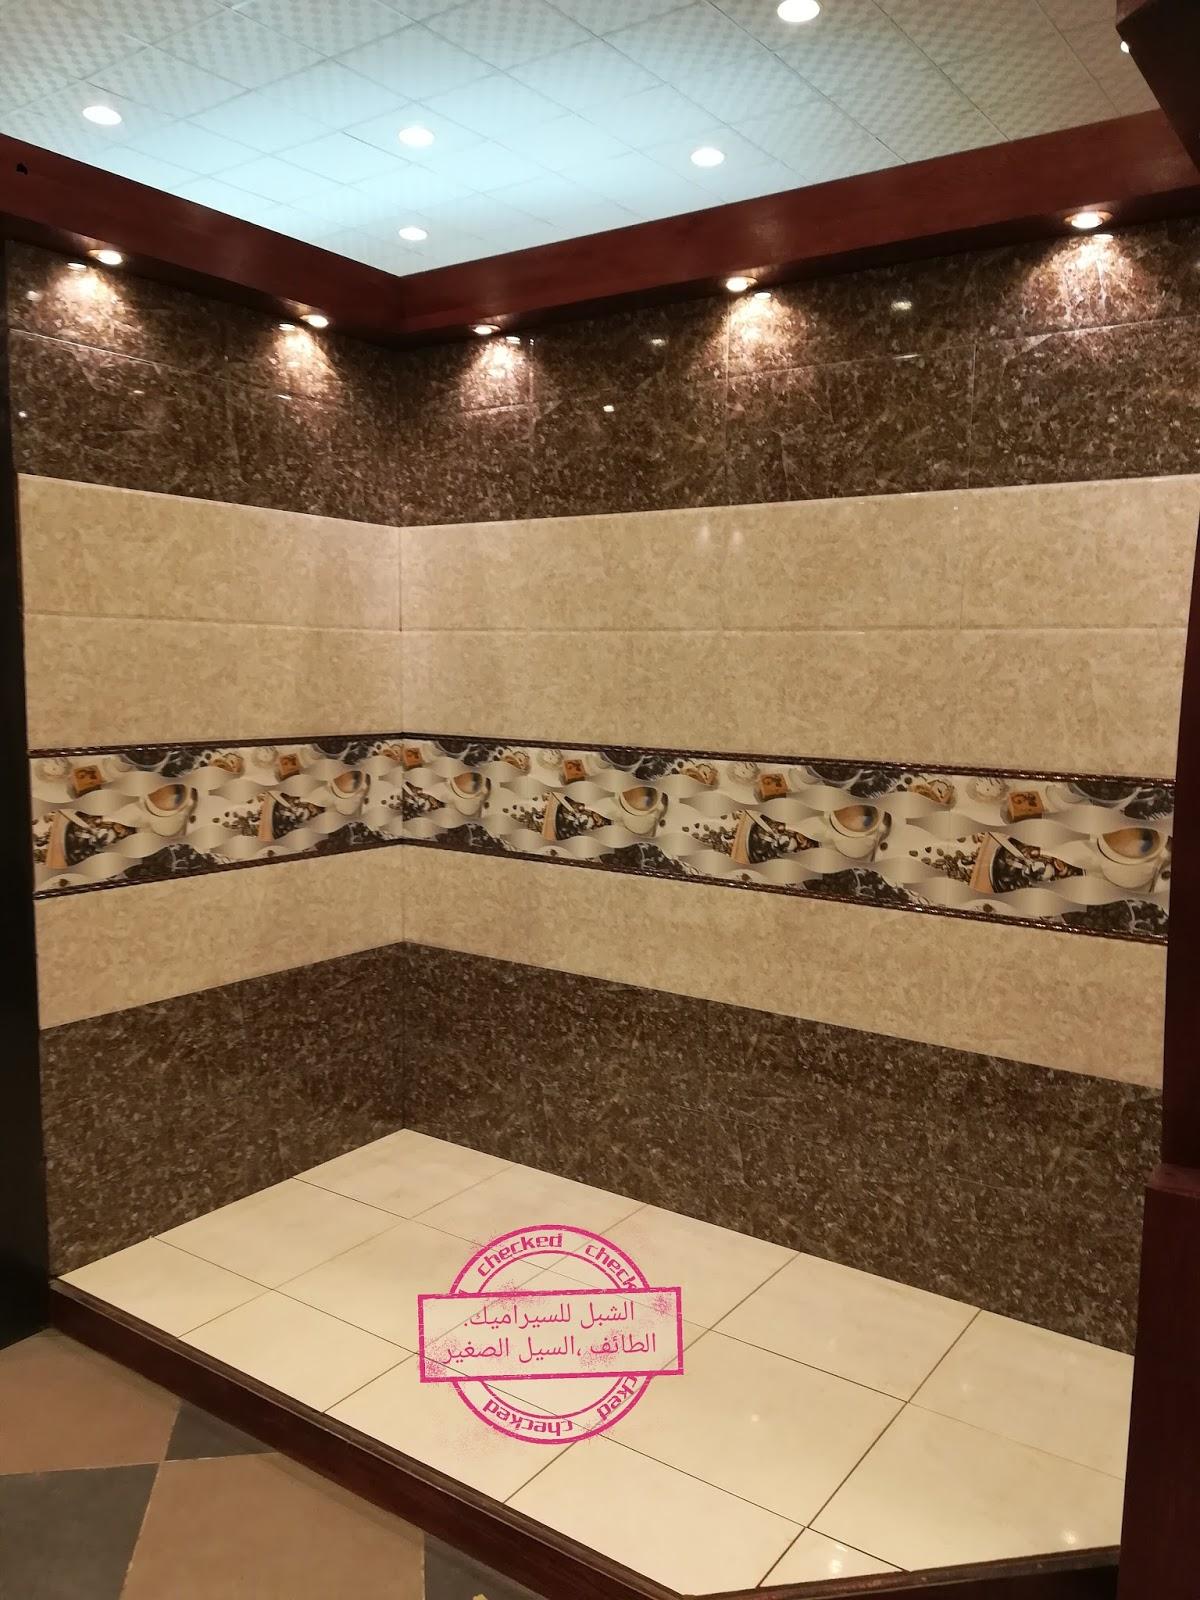 بالصور سيراميك جدران , افخم السيراميك لكل الاغراض منها الجدران 455 9